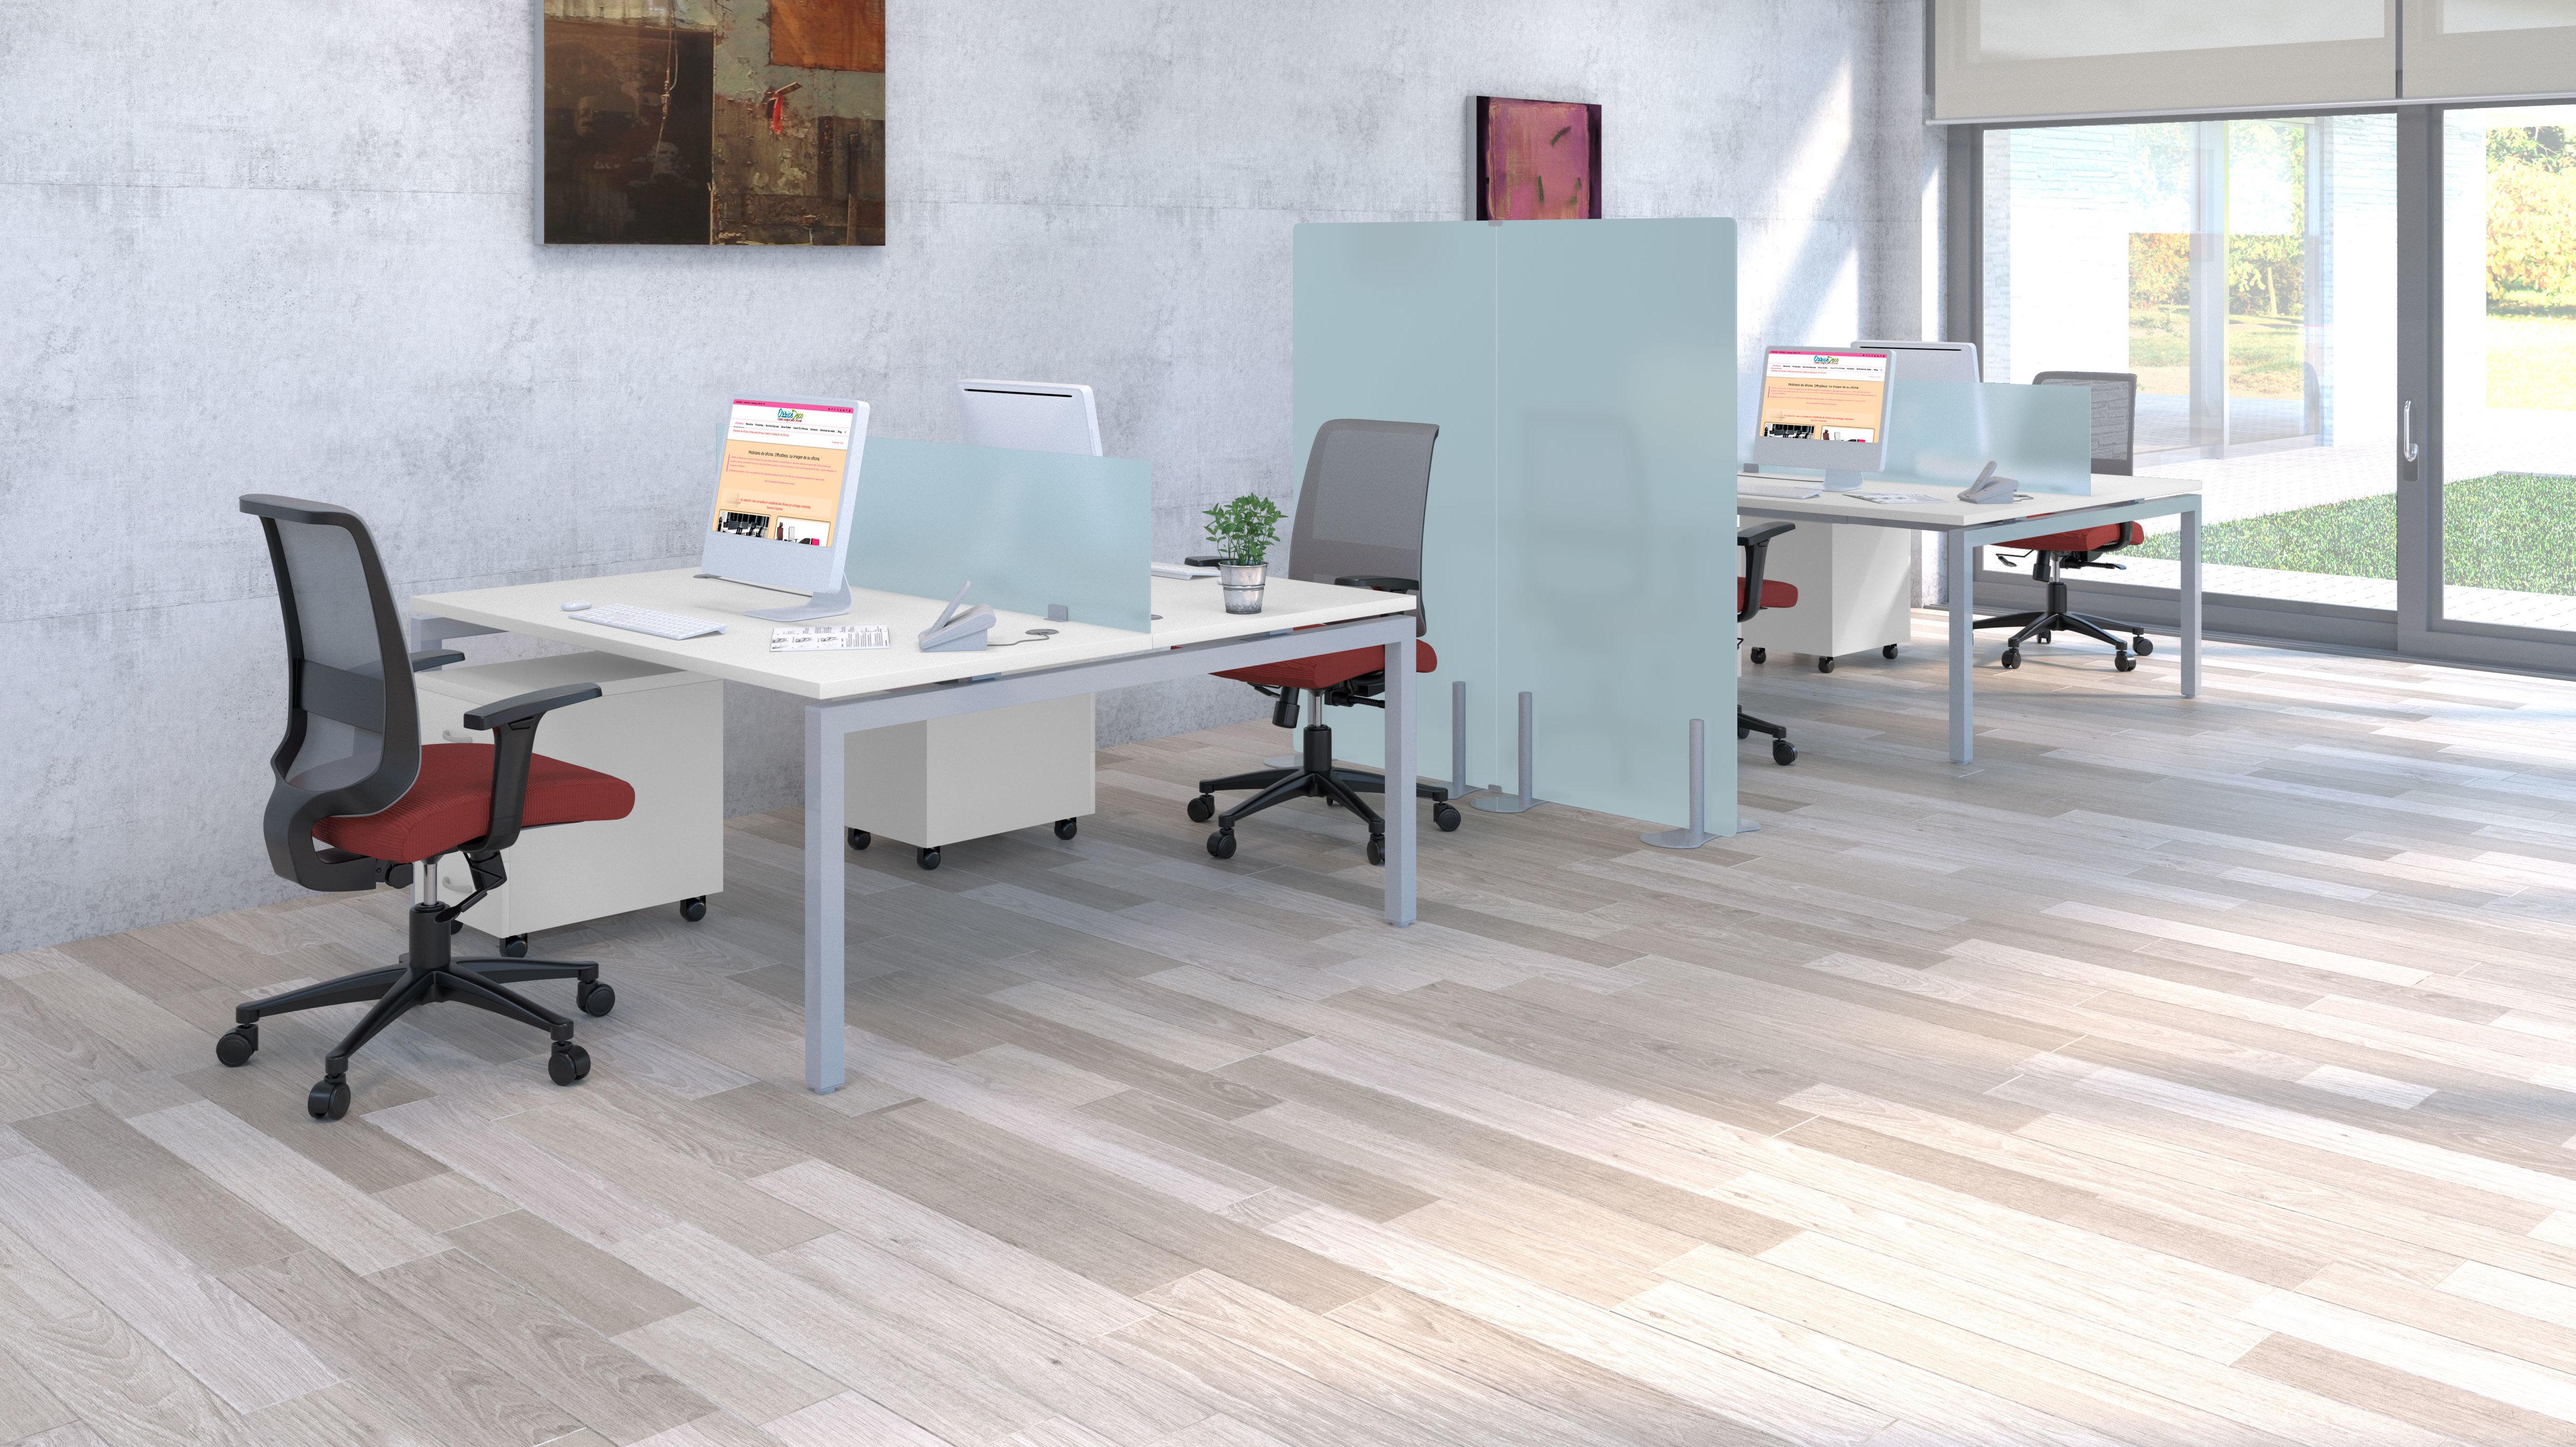 Foto 4 de Mobiliario de oficina en Madrid | Officedeco